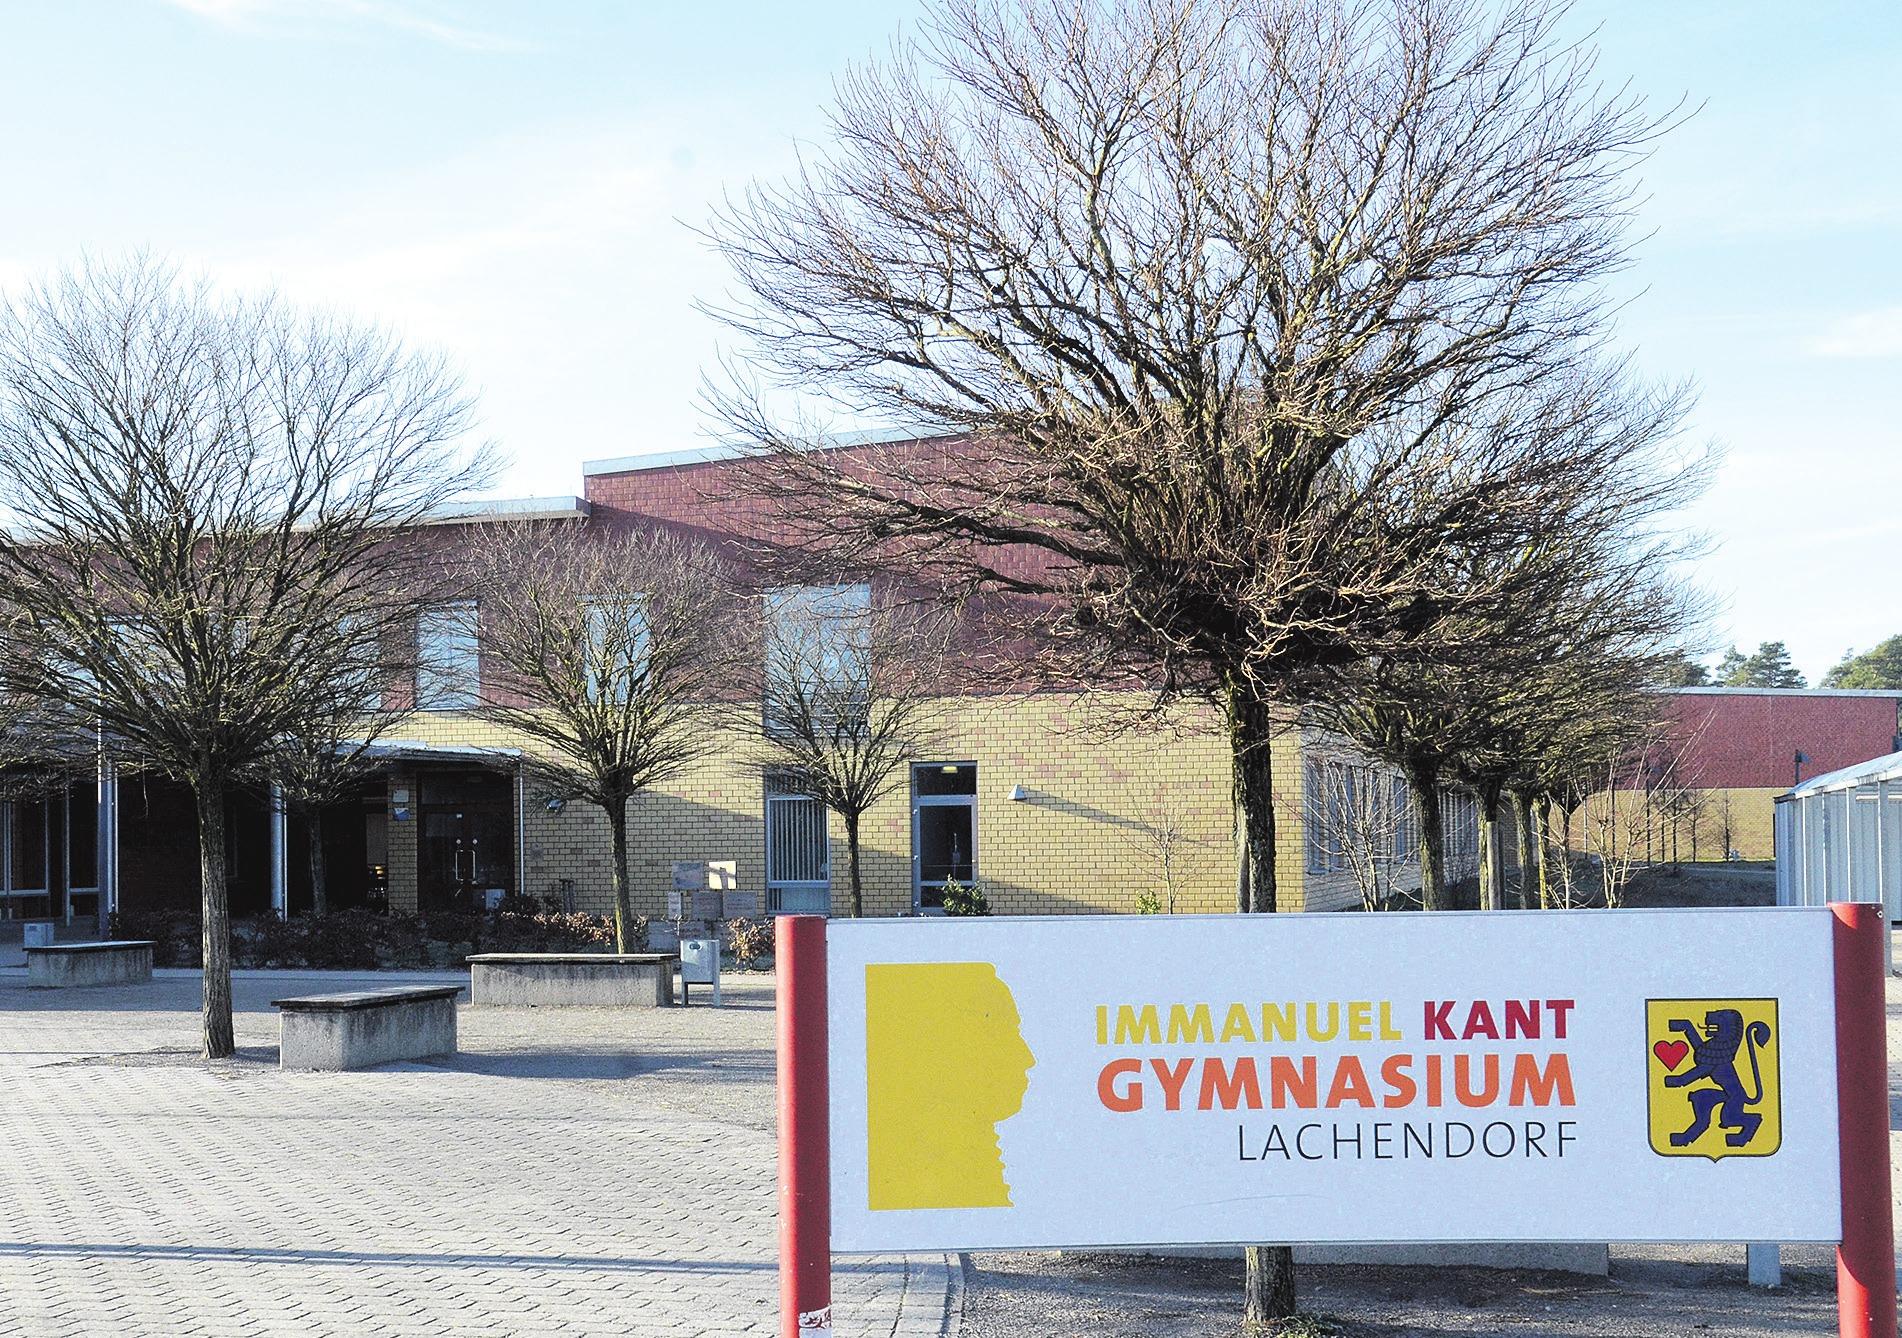 Das 2005 gebaute zweigeschossige Schulgebäude mit Dreifeldsporthalle des Immanuel-Kant-Gymnasiums in Lachendorf muss erweitert werden. Foto: Müller